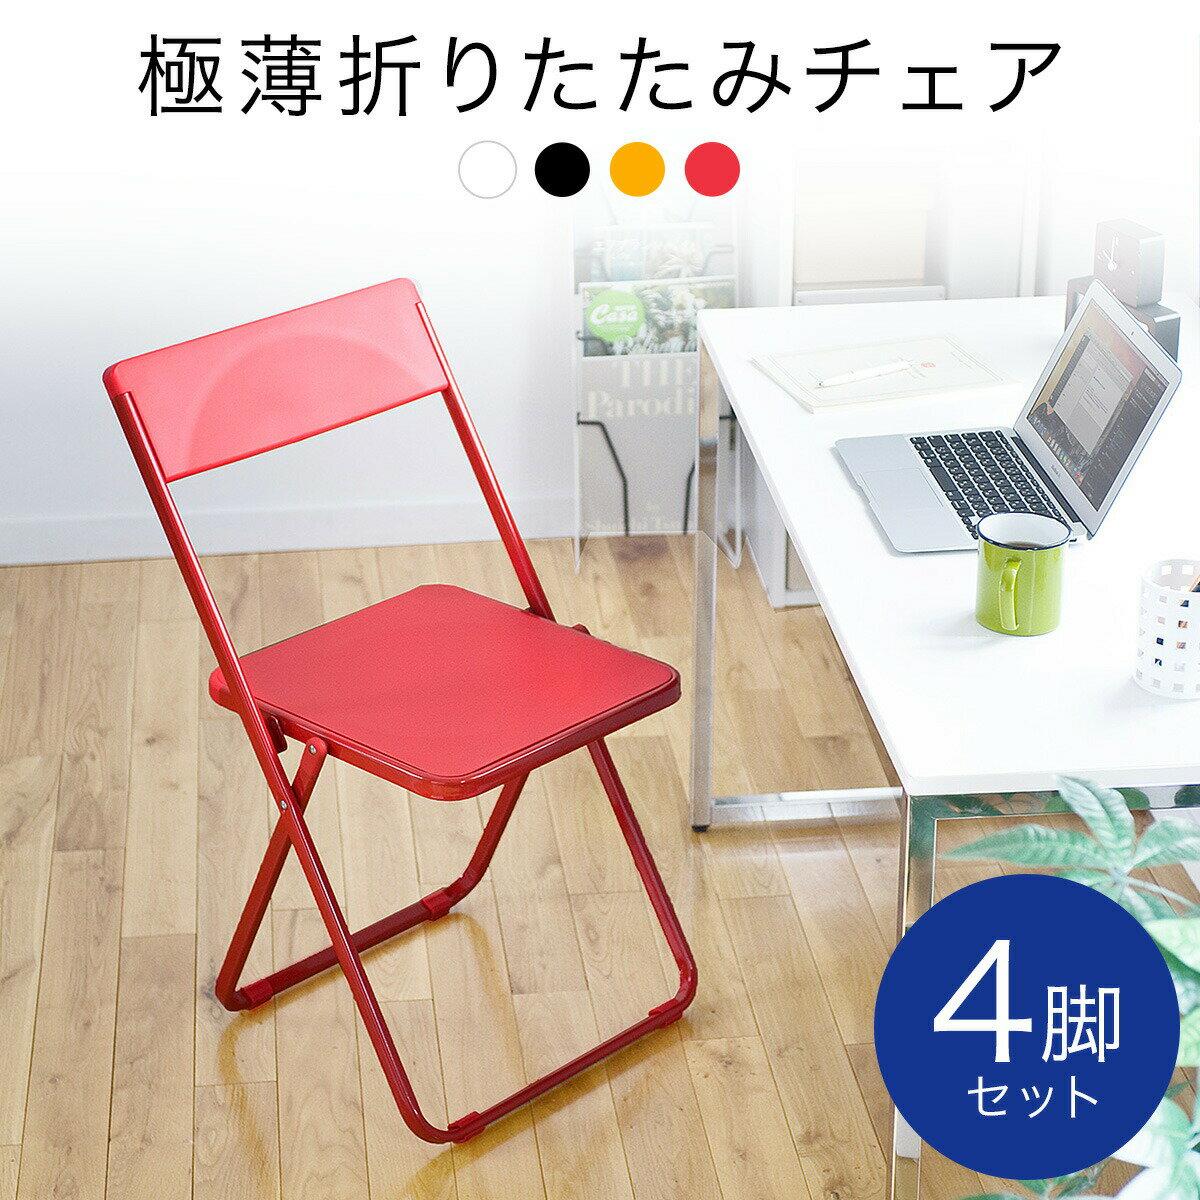 折りたたみ椅子 デザインチェア 4脚セット ダイニングチェア フォールディングチェア スタッキングチェア SLIM オフィスチェア 椅子 [150-SNCH006]【サンワダイレクト限定品】【送料無料】